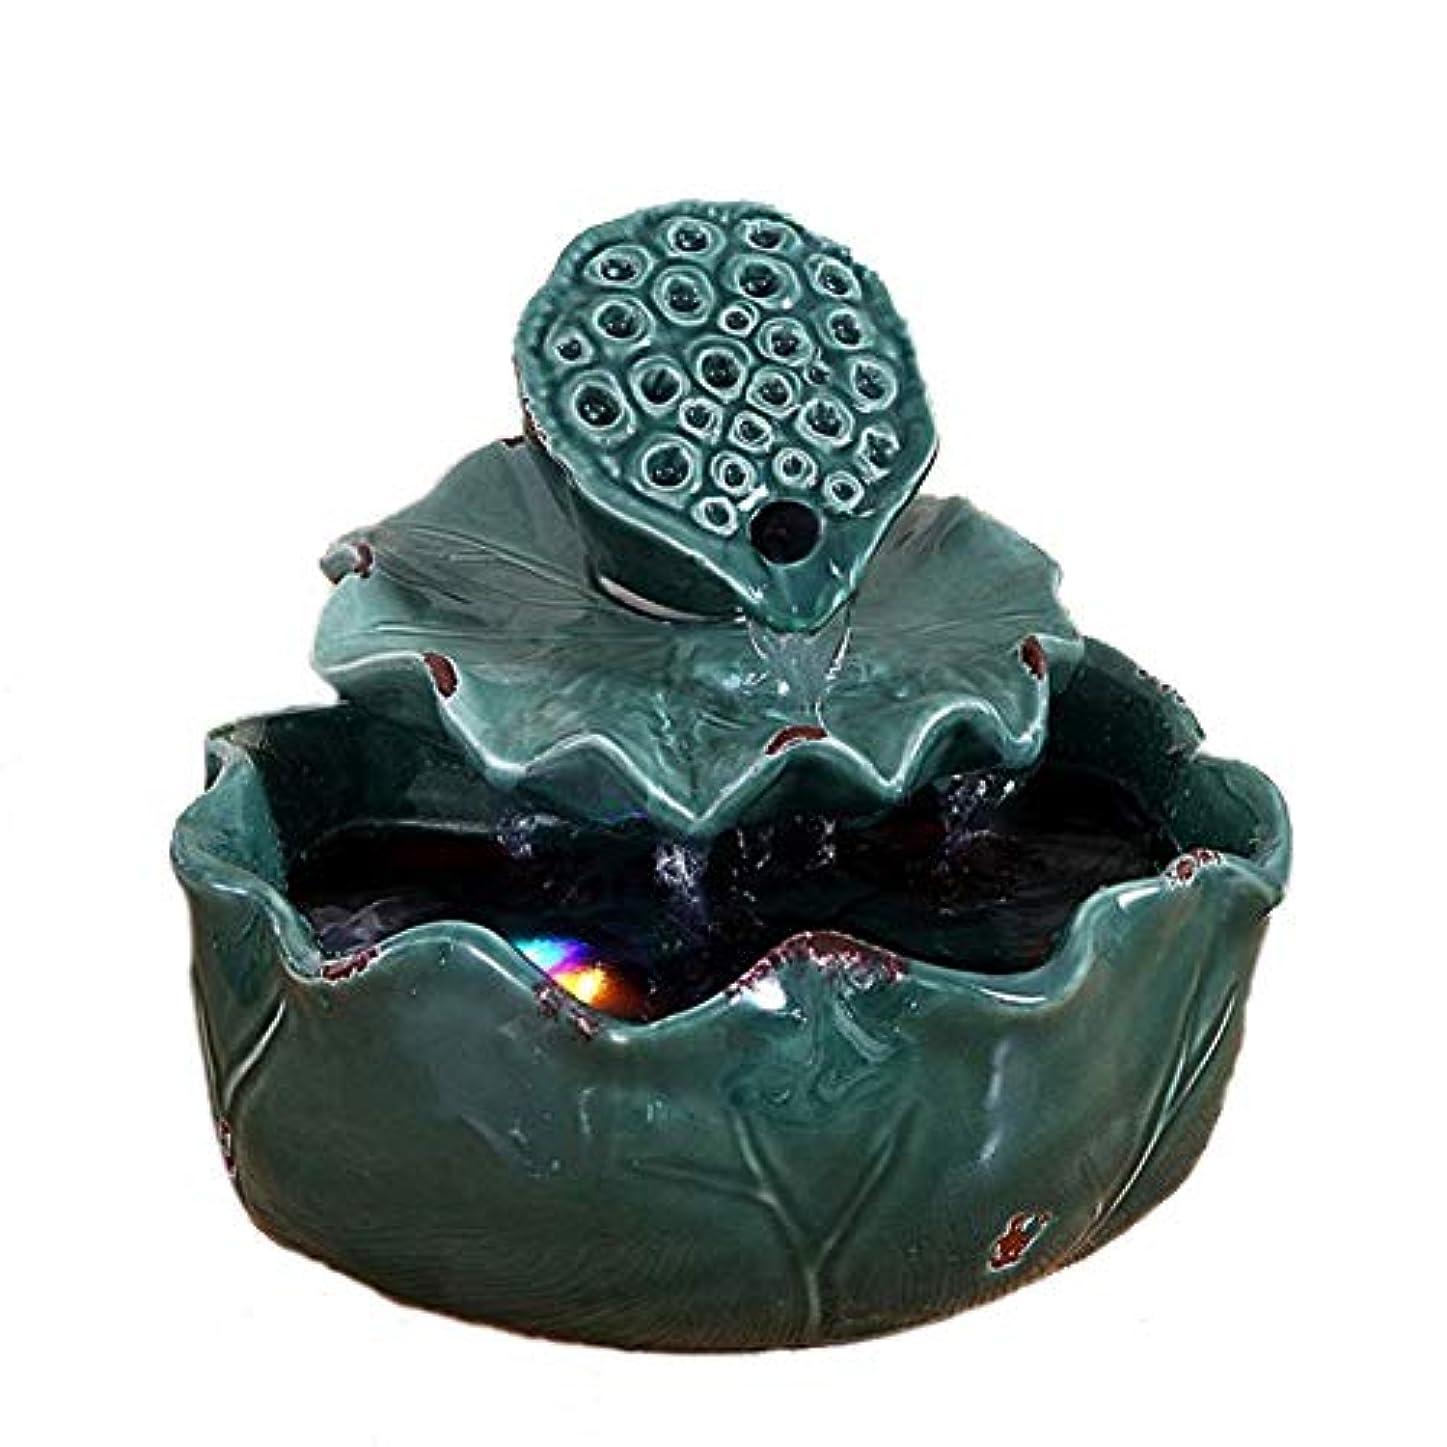 時計ペース誇り空気加湿器クリエイティブロータス卓上装飾装飾セラミック工芸絶妙なギフト